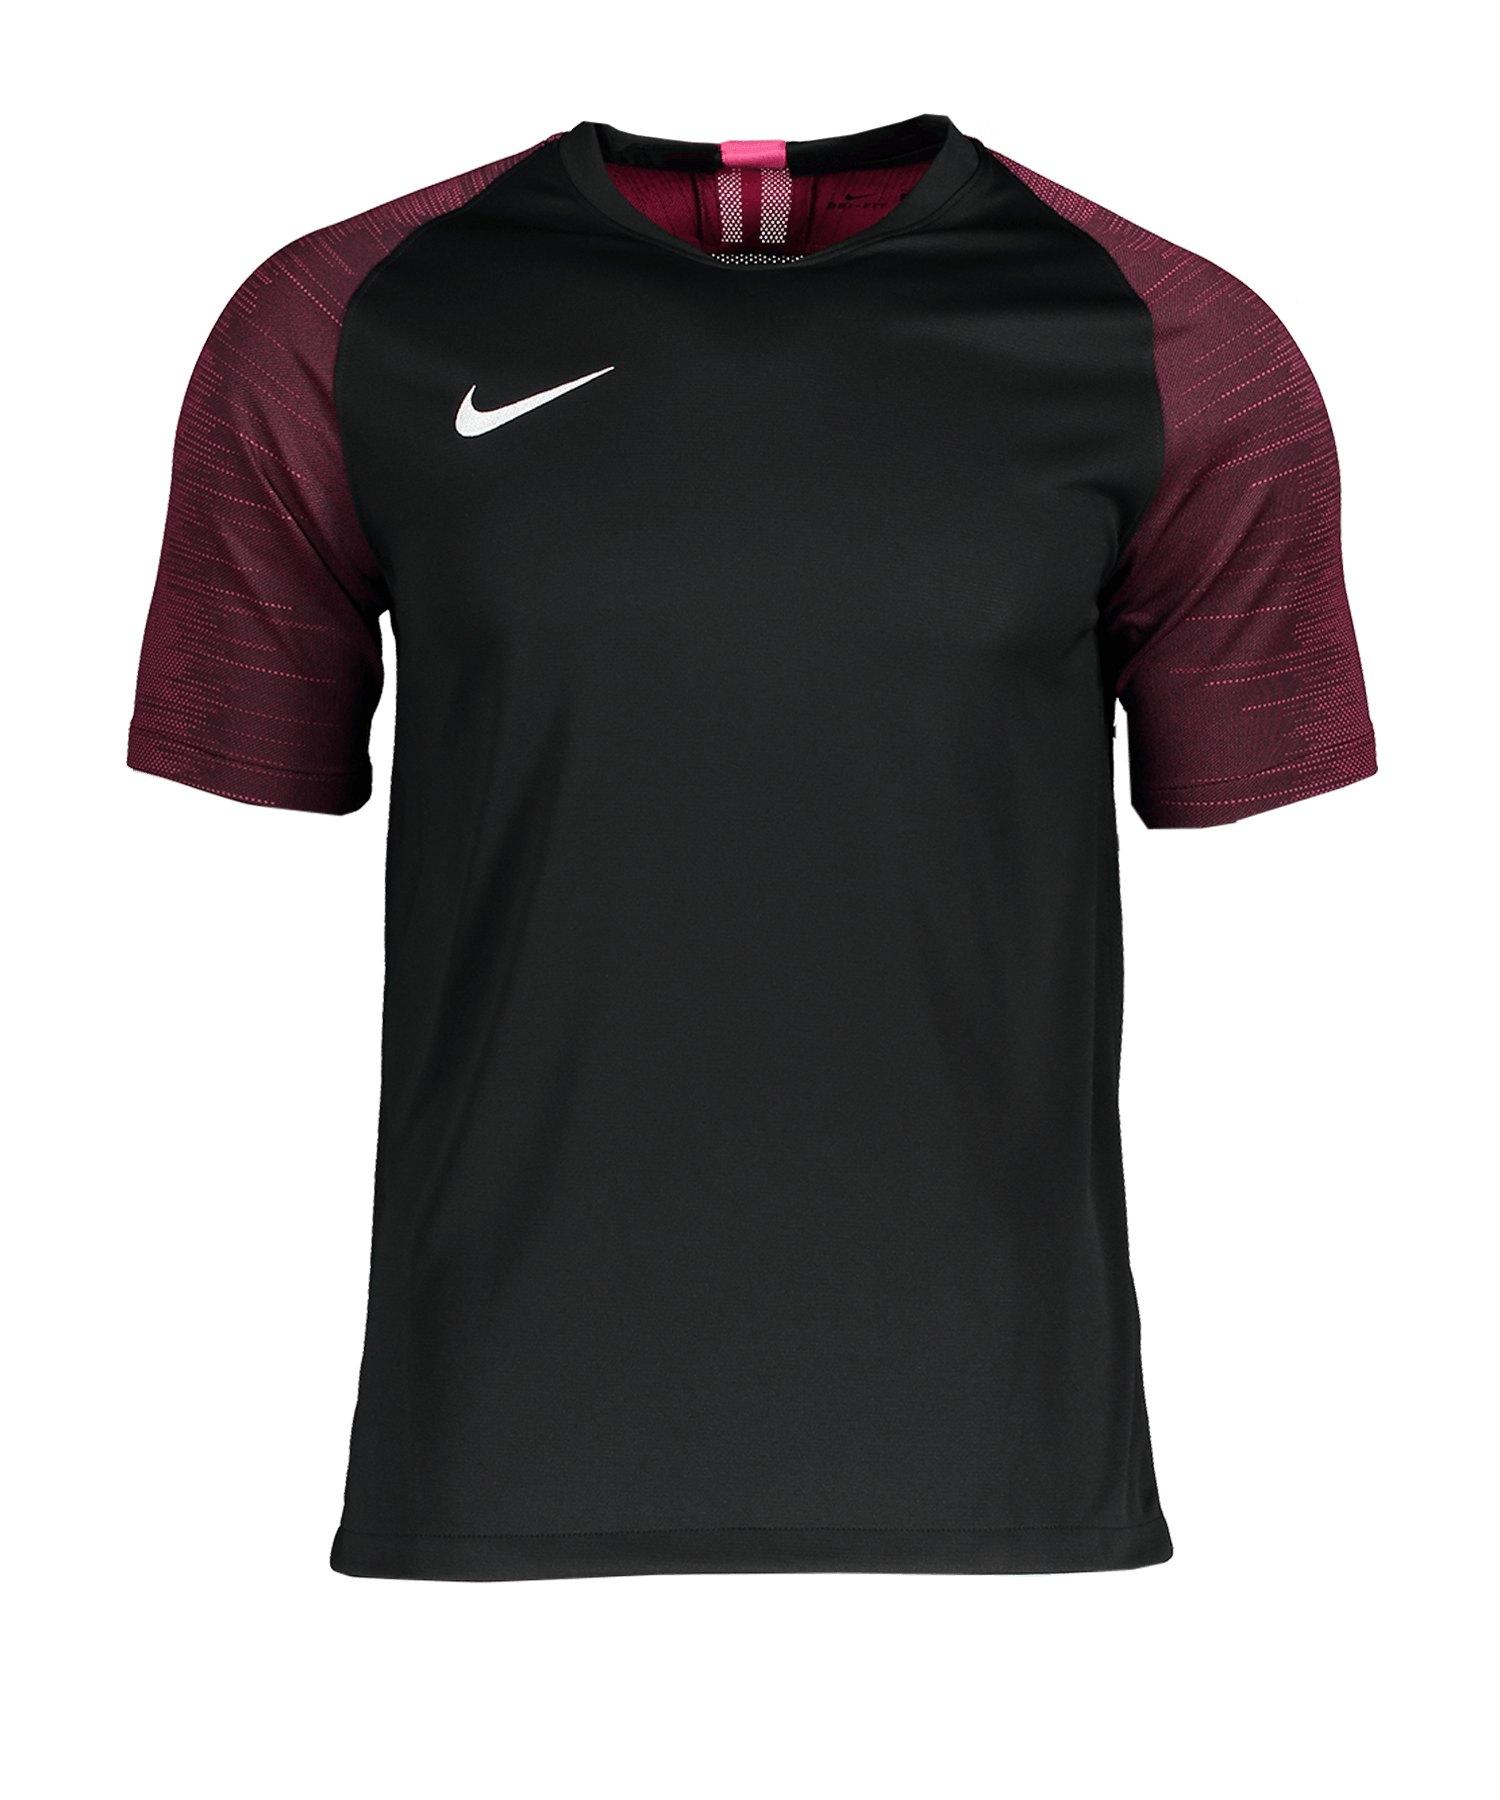 Nike Strike Trikot Schwarz Pink F011 - schwarz